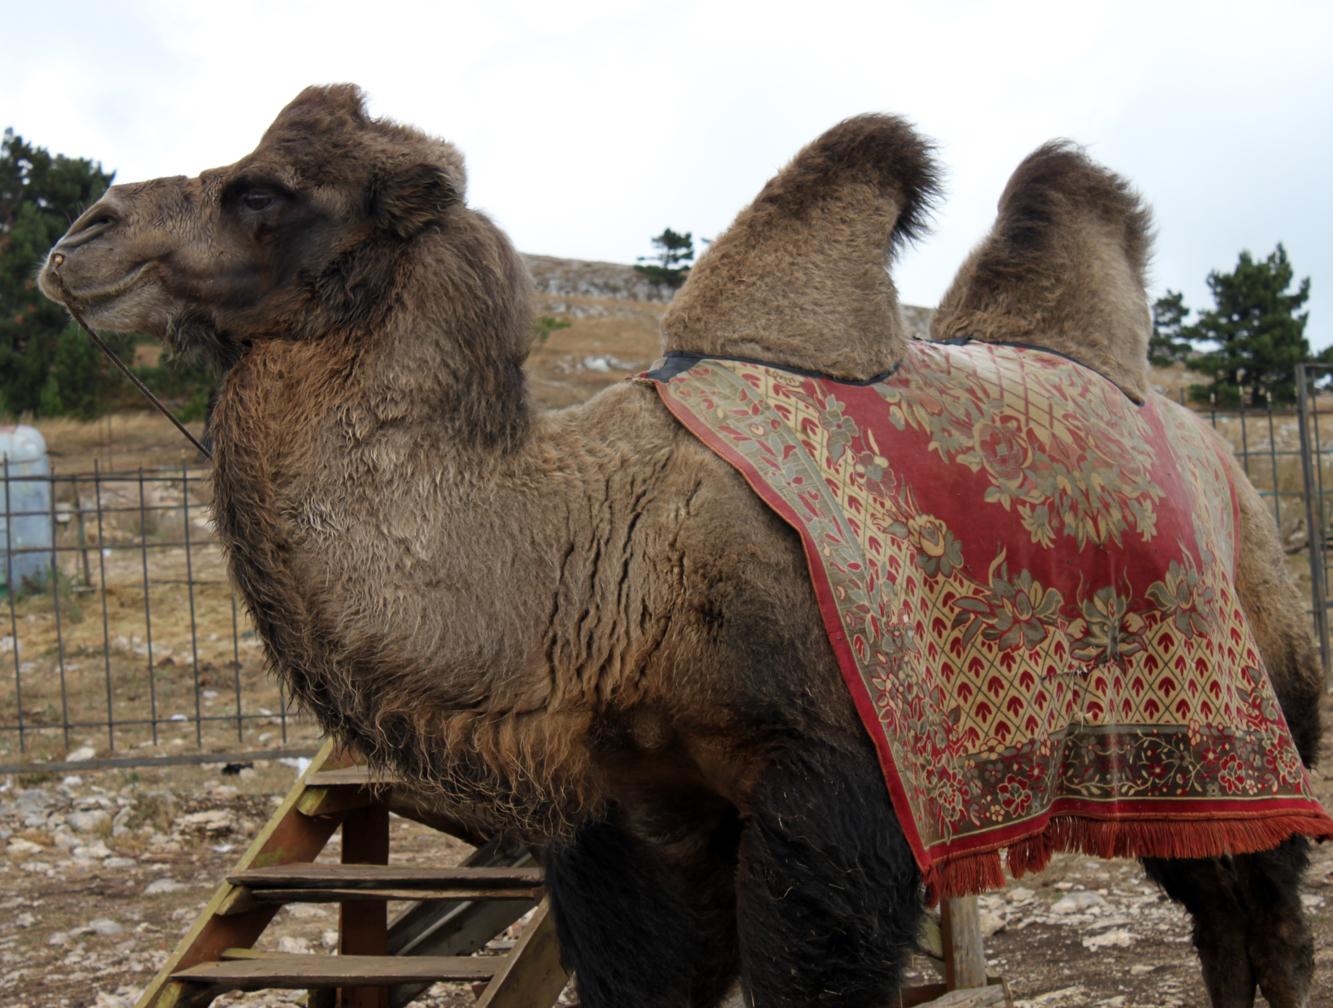 Pelskledde kameler møtte oss på toppen